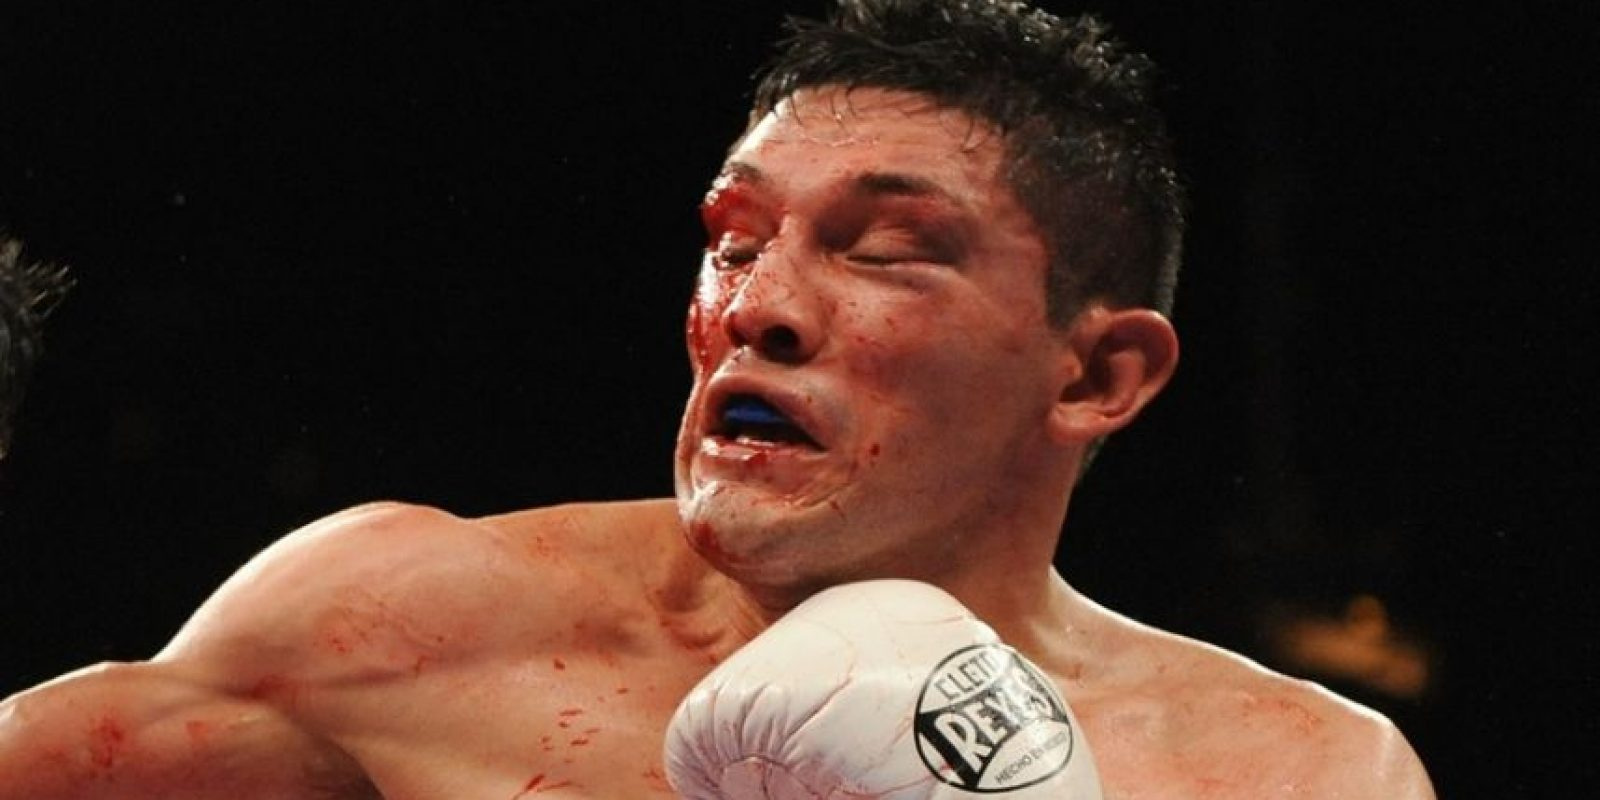 Foto:David Díaz dejó en las manos de Pacquiao su cinto ligero del CMB. El tagalo fue muy superior al mexico-americano y lo noqueó técnicamente en 9 rounds / Getty